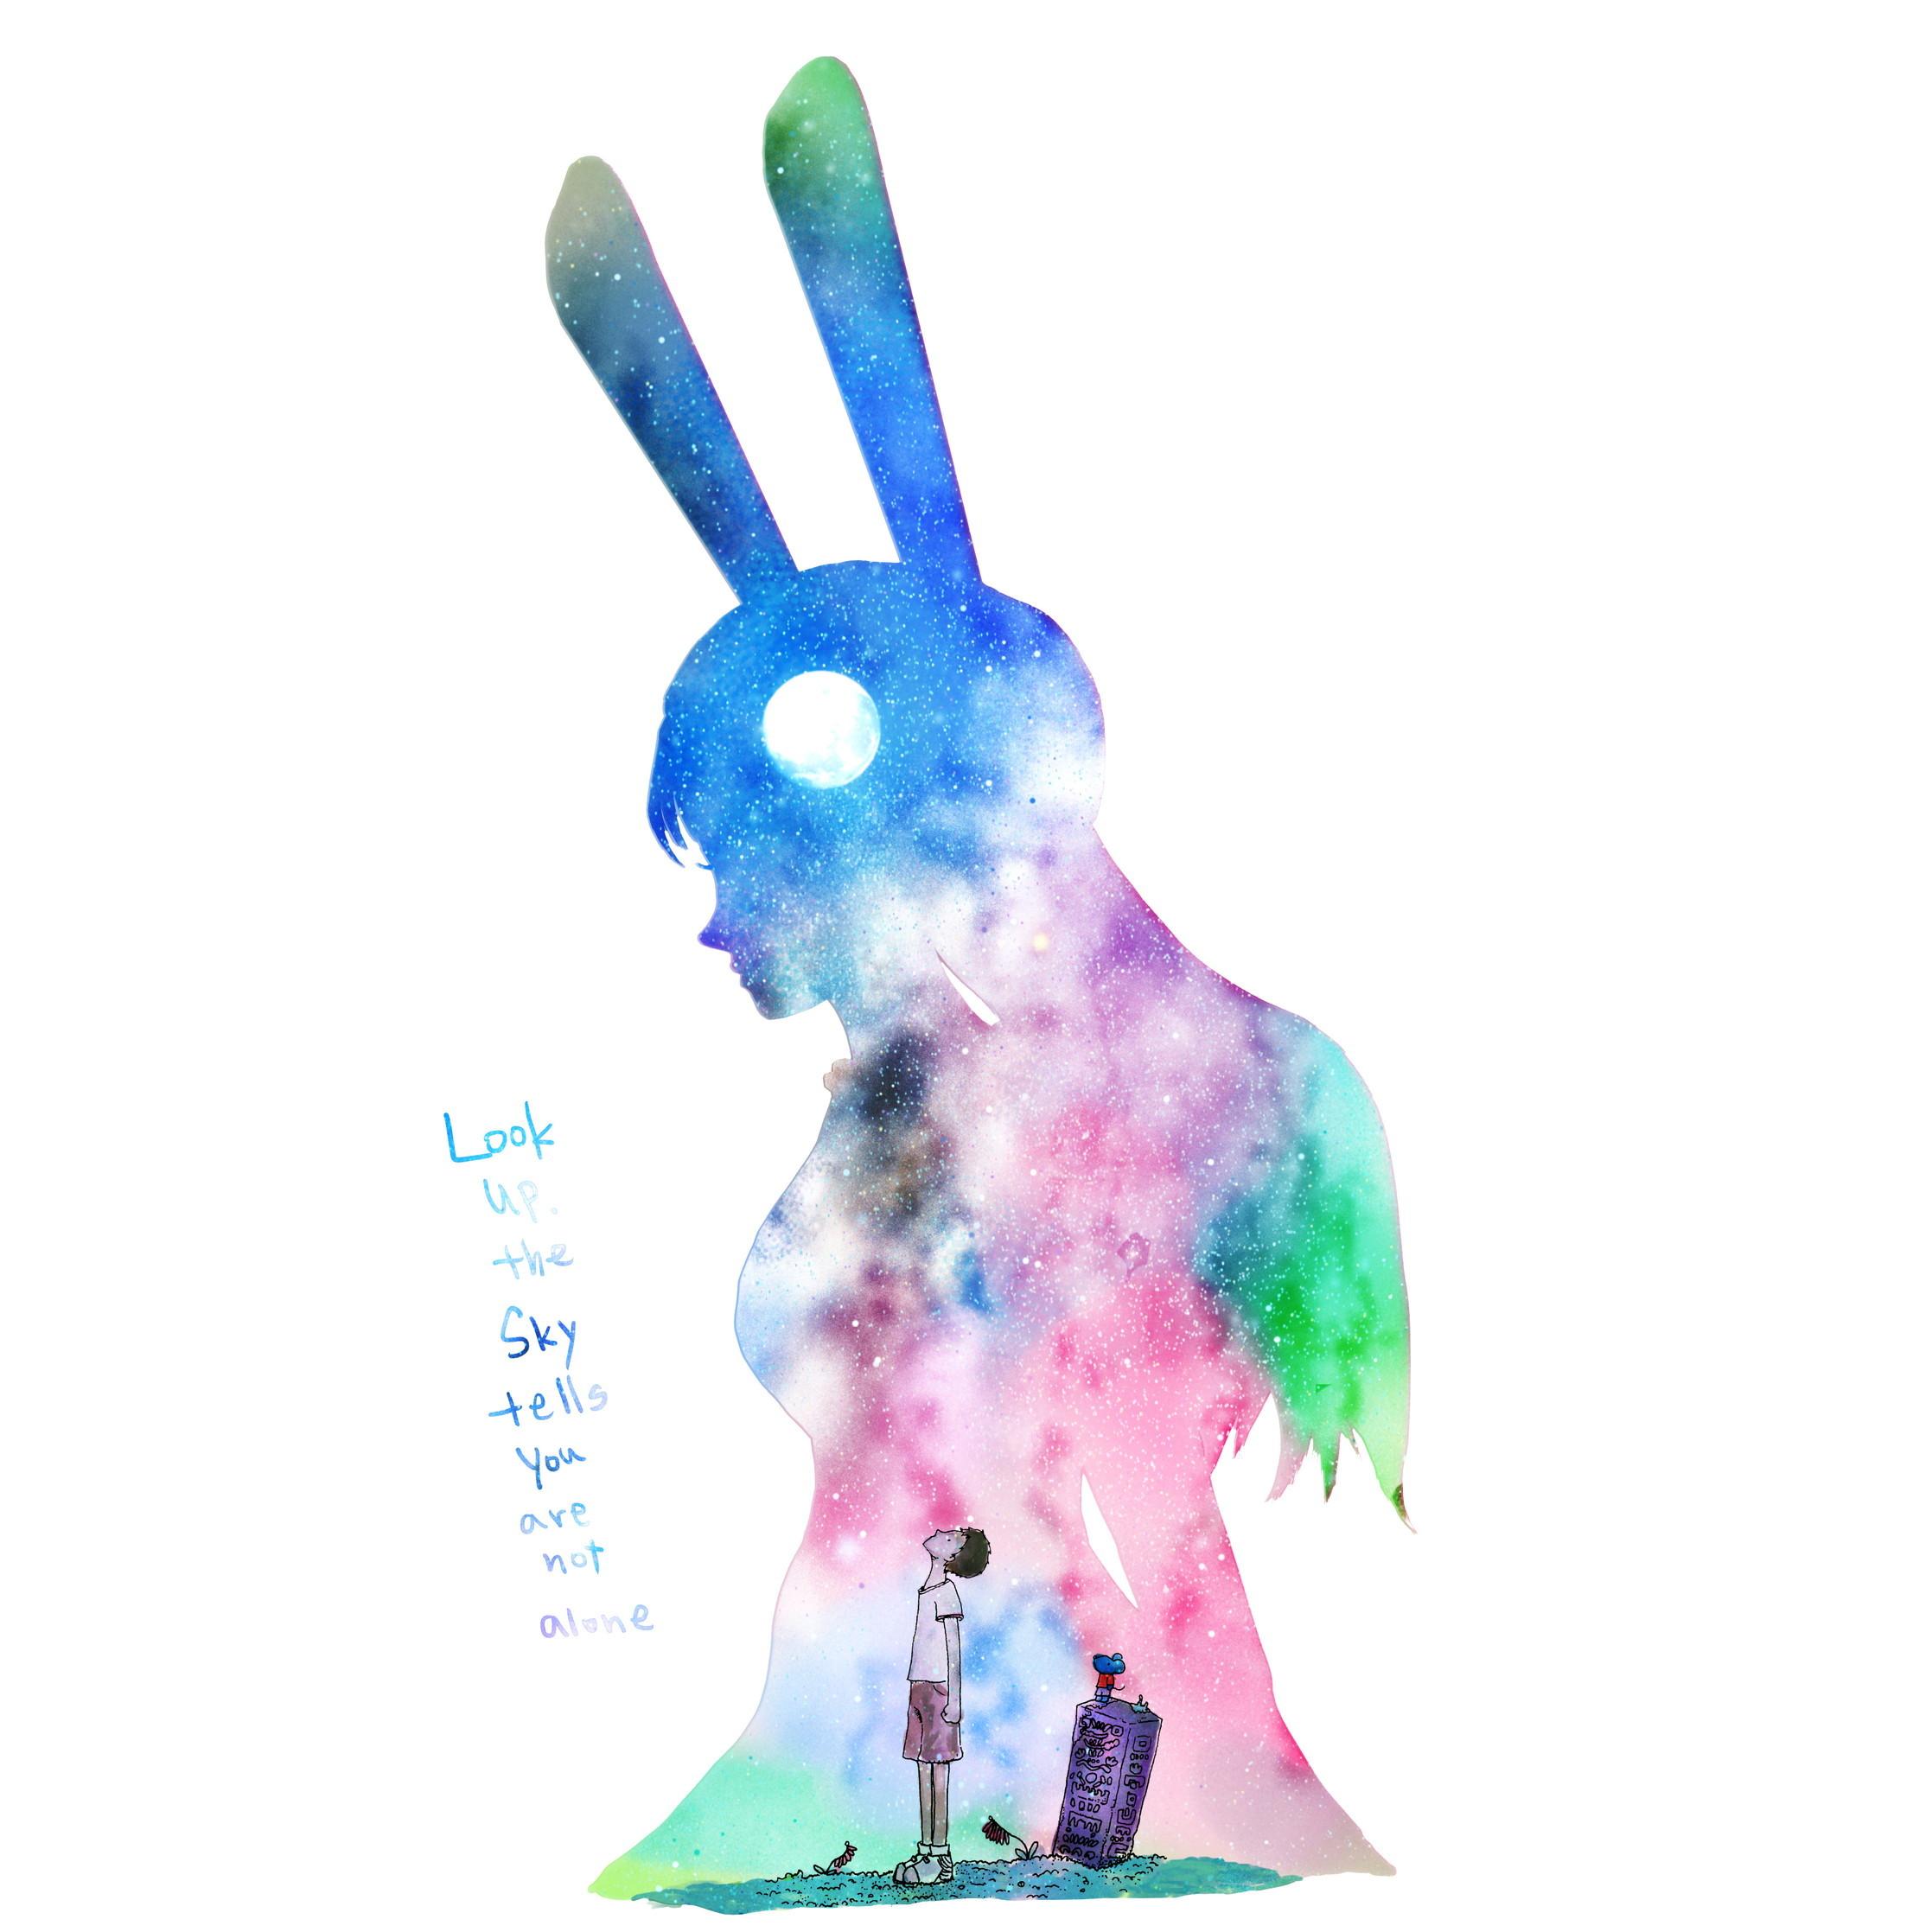 絵画 インテリア アートパネル 雑貨 壁掛け 置物 おしゃれ イラスト ロココロ 画家 : 志摩飛龍 作品 : LOOKUP